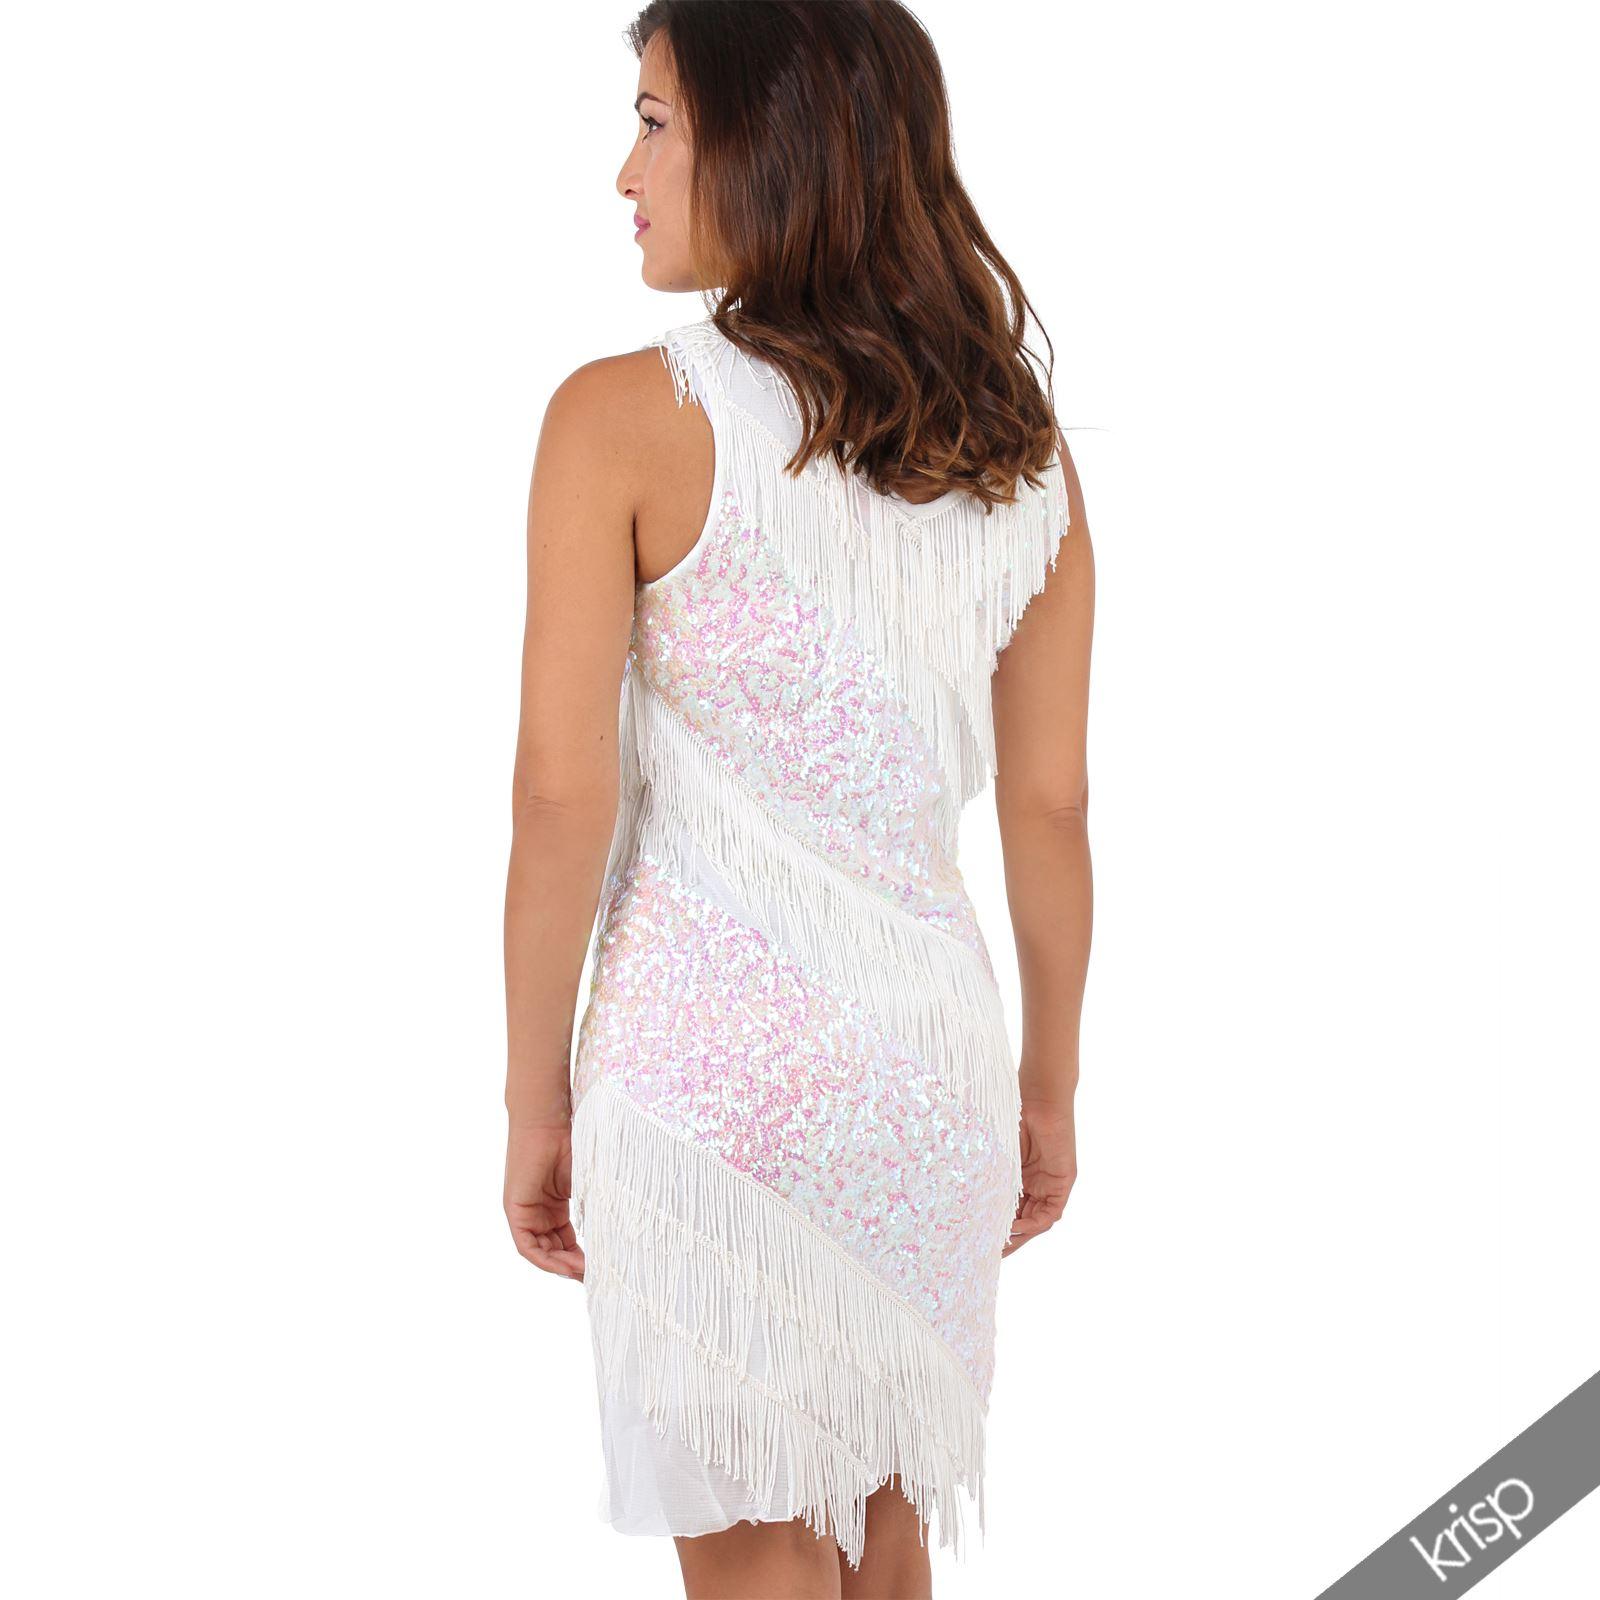 Vestido-de-Fiesta-o-Coctel-Vintage-con-Lentejuelas-y-Flecos-Estilo-Gatsby